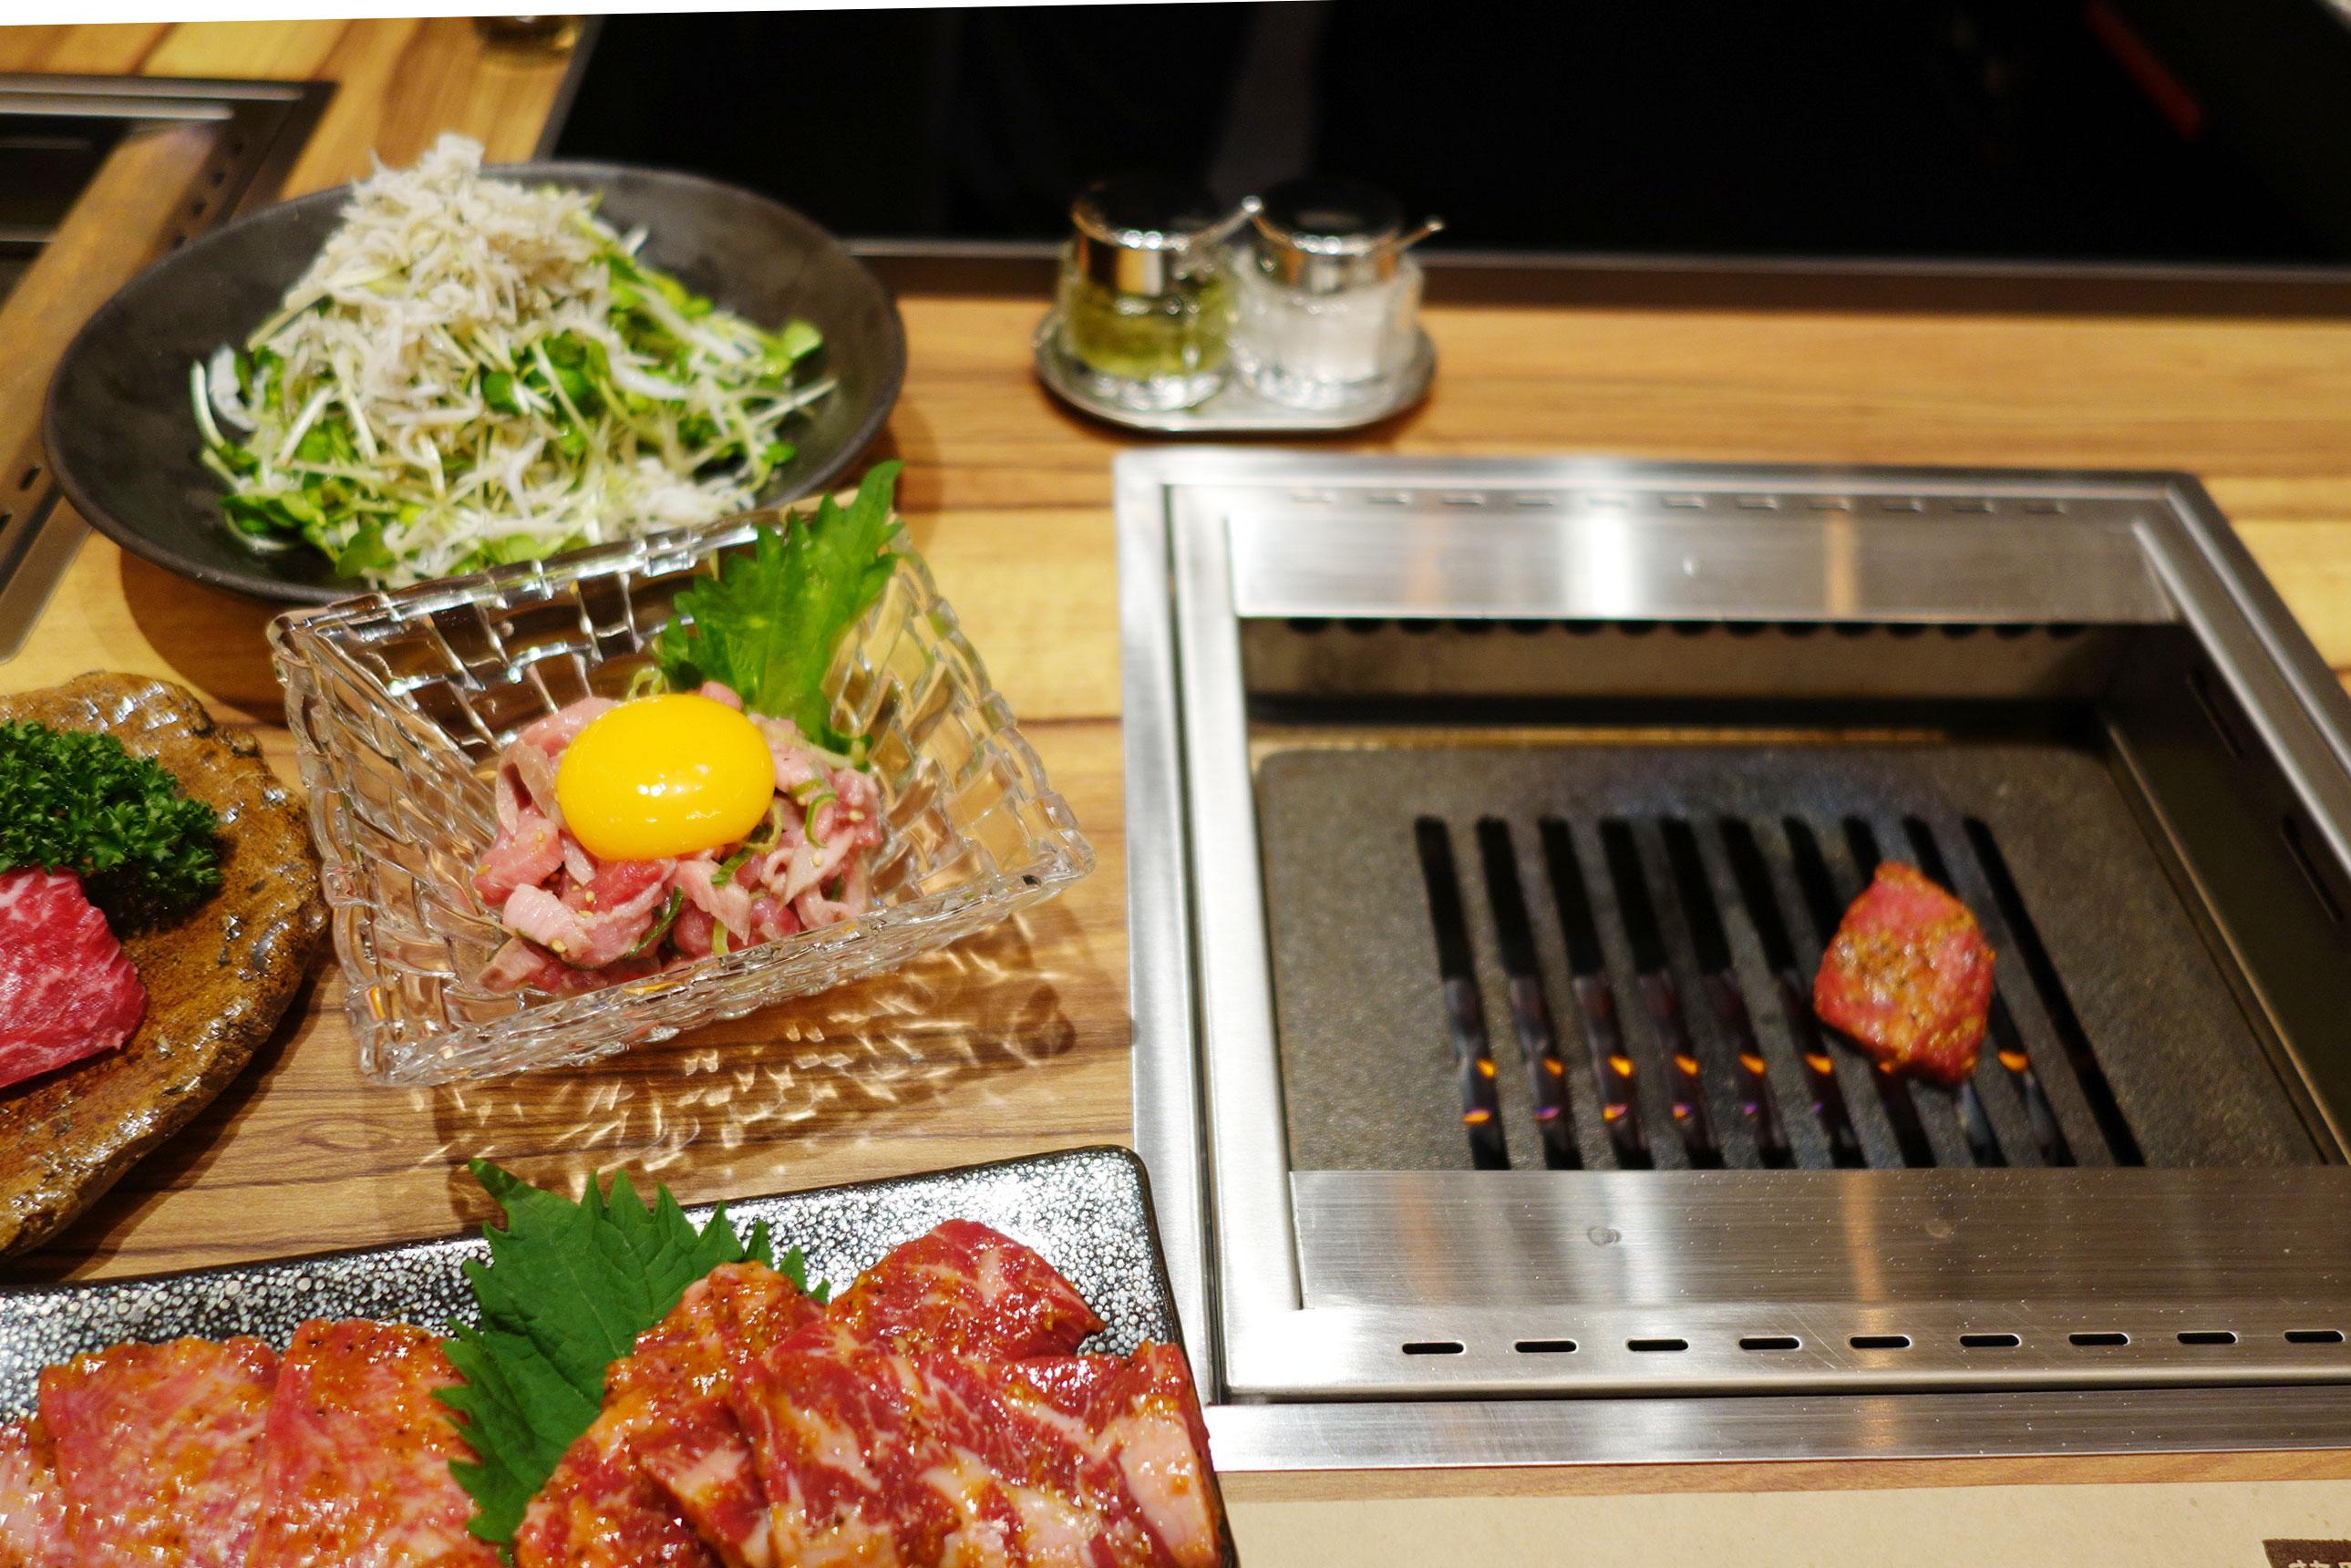 「やきにく 萬野」では、赤身ステーキの細切りユッケ風味の和牛スレンド780円などのお刺身系も